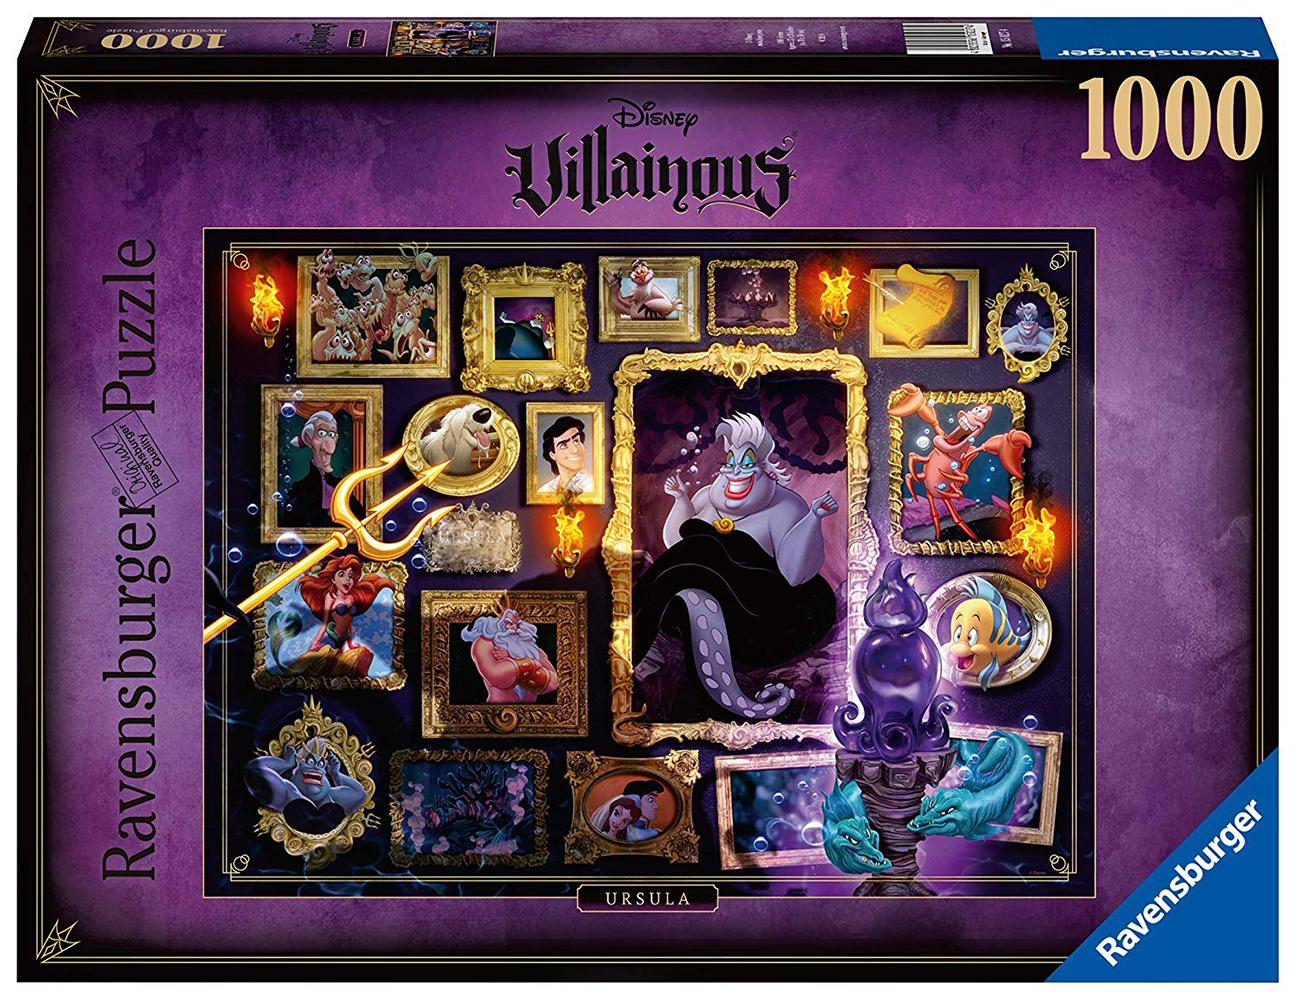 Casse-tête 1000 pièces - Disney Ursula